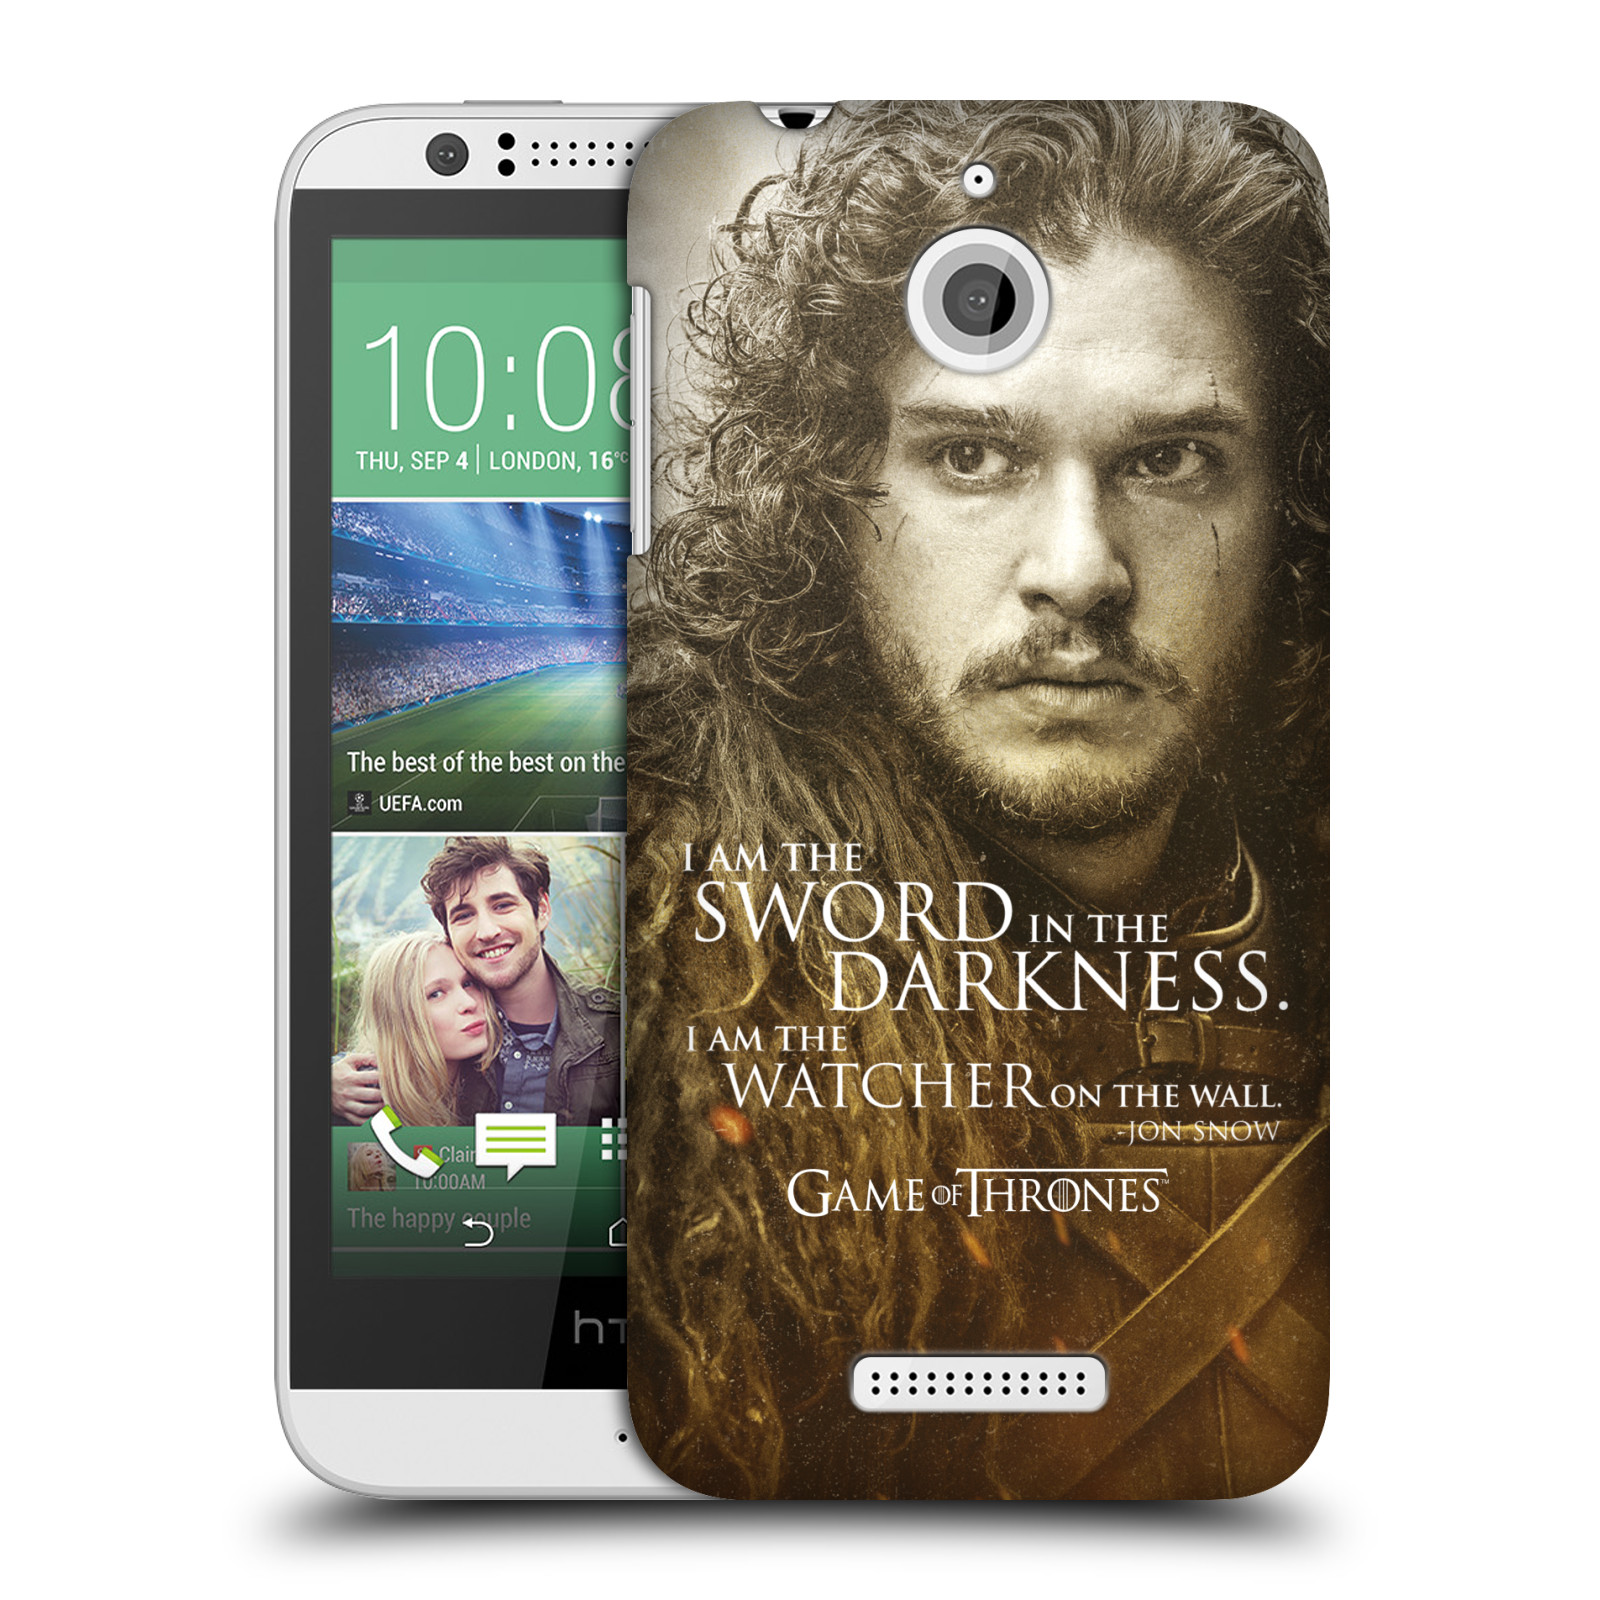 Plastové pouzdro na mobil HTC Desire 510 HEAD CASE Hra o trůny - Jon Snow (Plastový kryt či obal na mobilní telefon s licencovaným motivem Hra o trůny - Game Of Thrones pro HTC Desire 510)